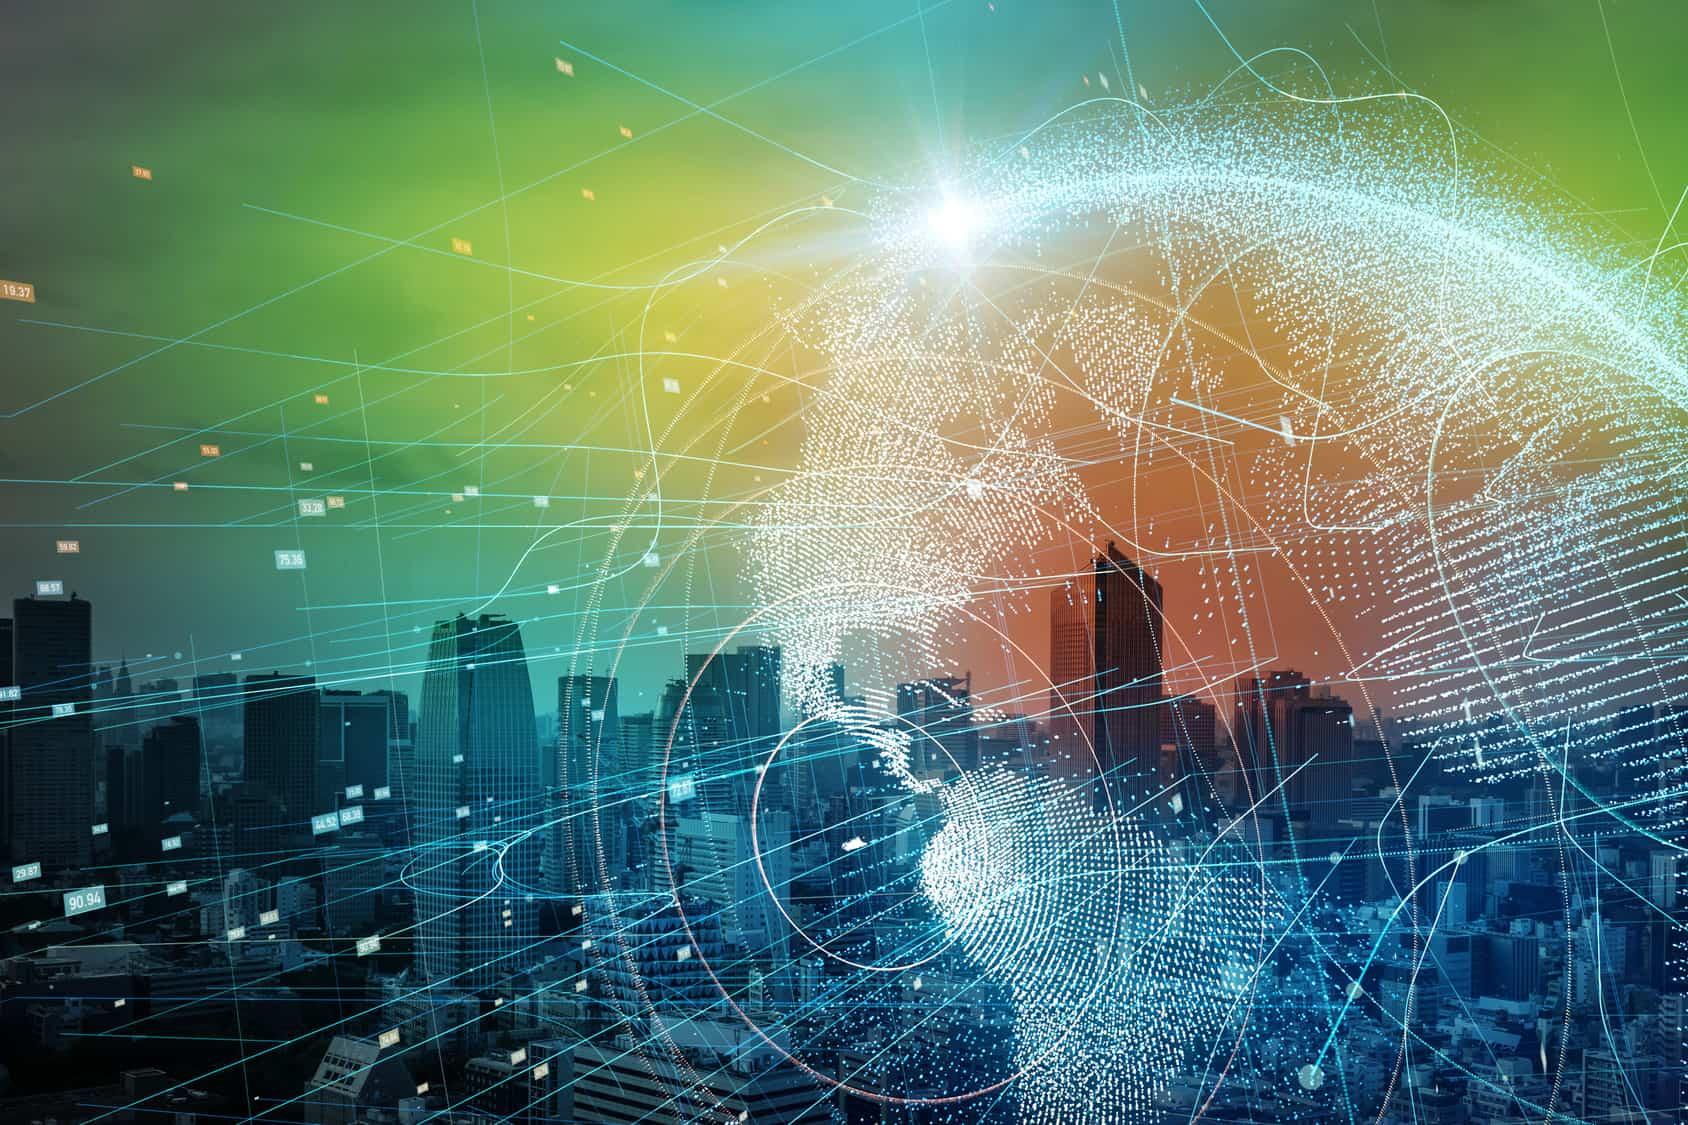 La Cámara de la Industria Electrónica, de Telecomunicaciones y Tecnologías de la Información explicó que los aspirantes presidenciales deben formular una agenda de trabajo y propuestas enfocadas en las nuevas tecnologías.